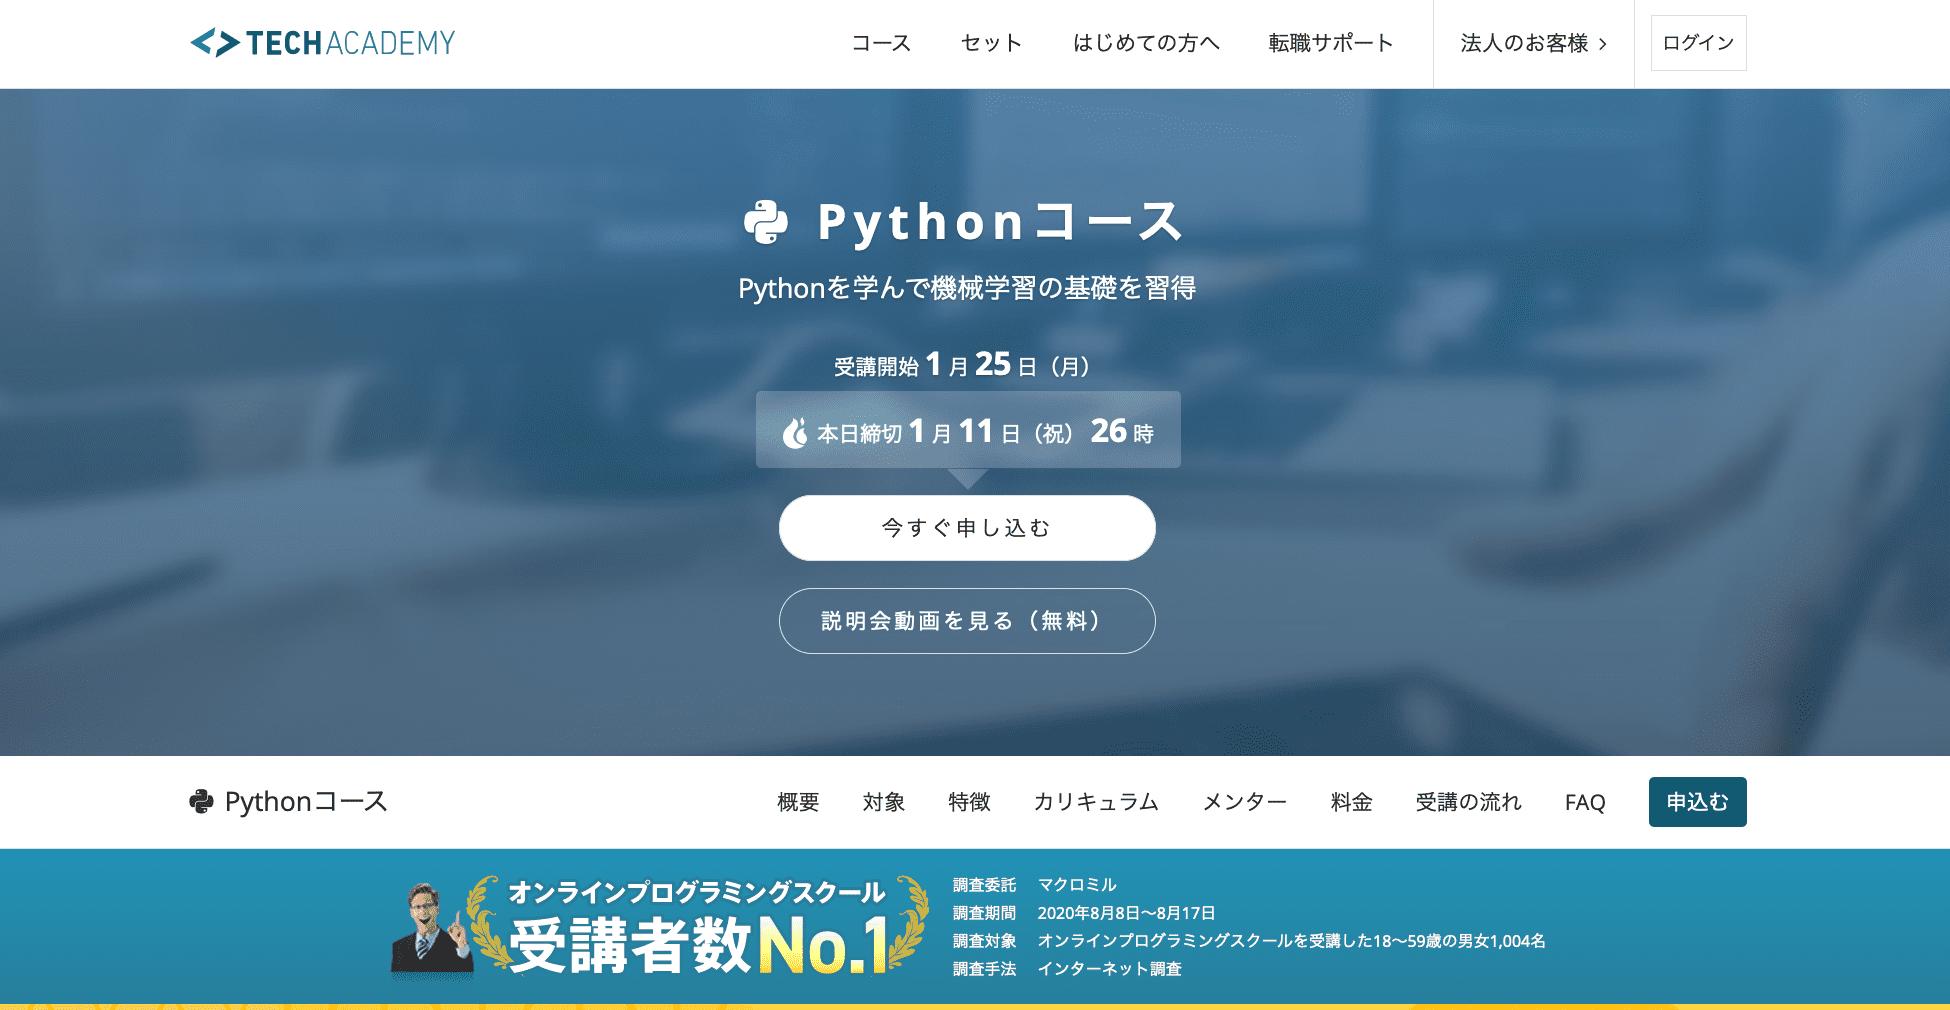 TechAcademy Python